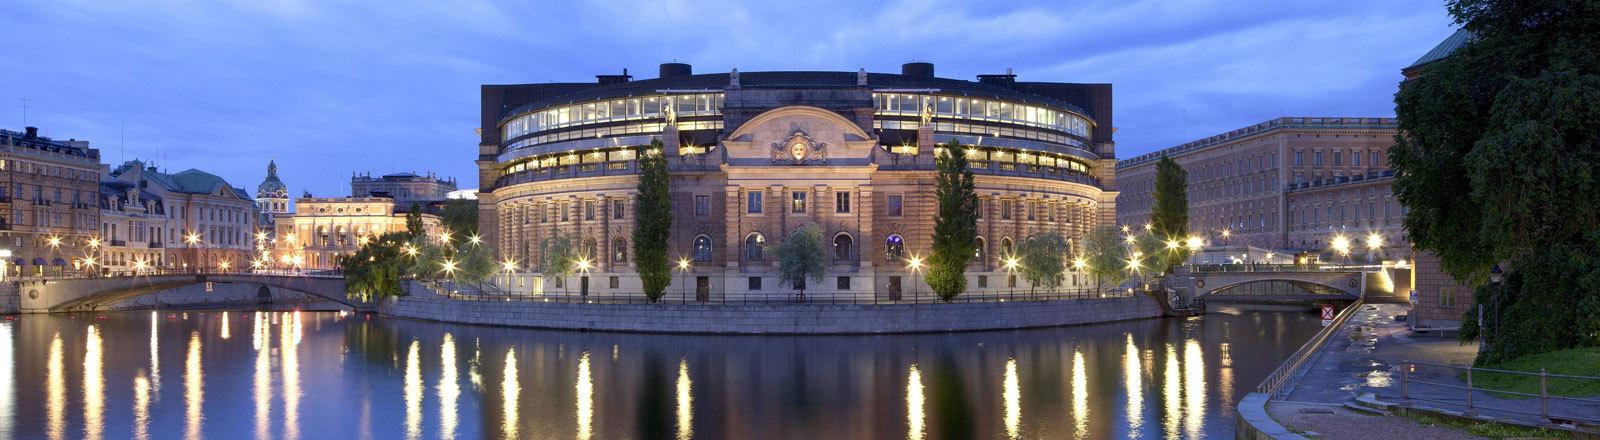 Der Reichstag in Stockholm